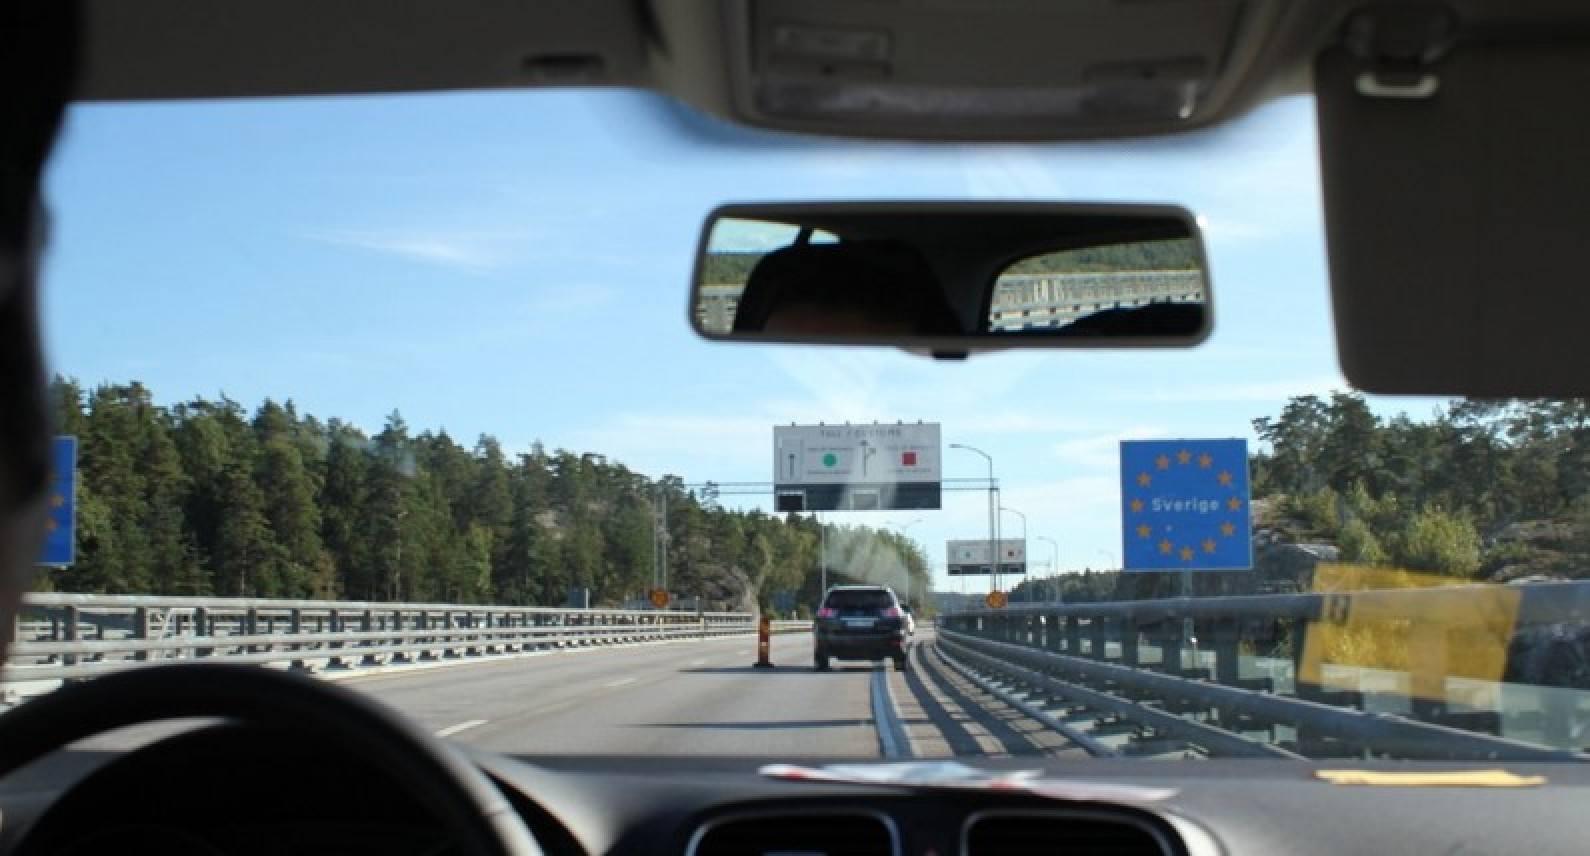 Kontrola na norweskiej granicy utrzymana: służby powiedzą, gdzie spędzisz kwarantannę